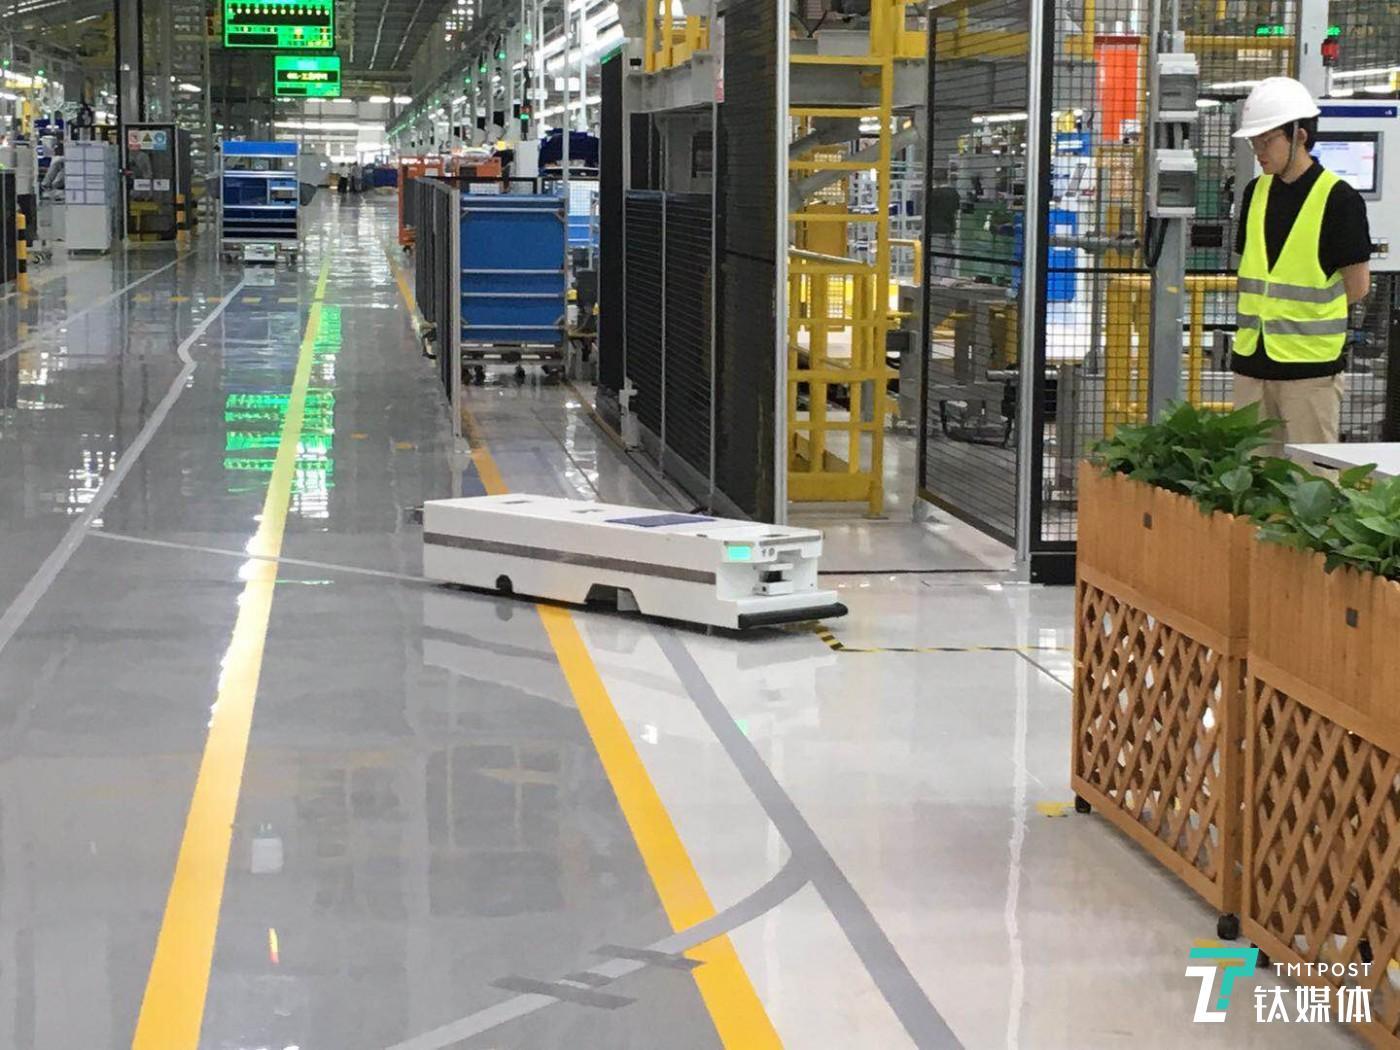 奇瑞捷豹路虎二期工厂开业引入MRAGV和人机交互等大量黑科技钛快